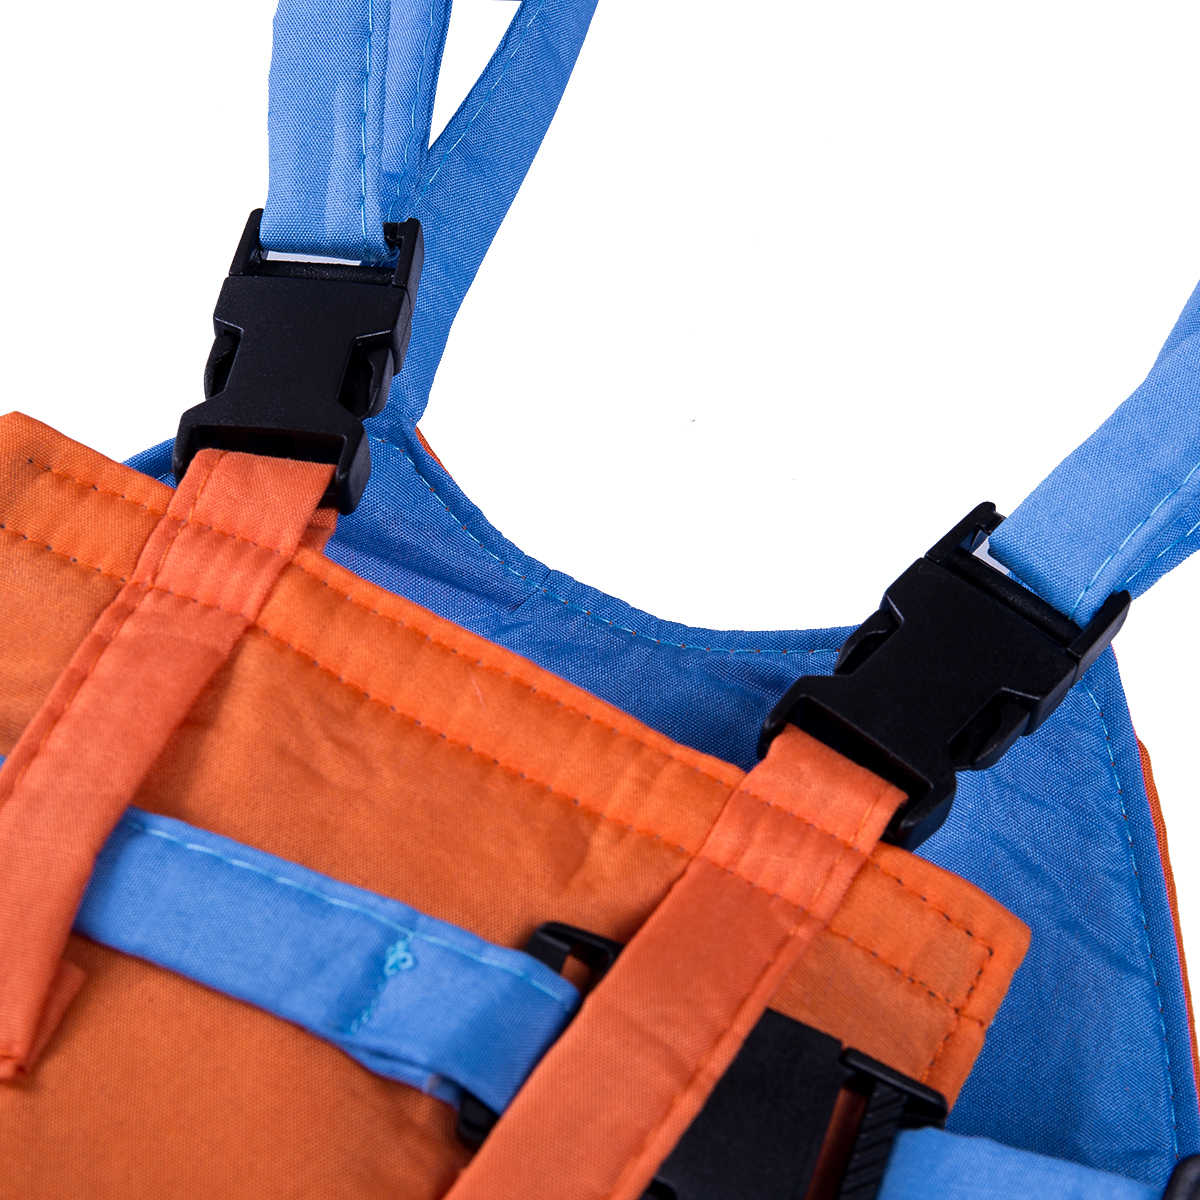 תינוק פעילות אביזרי ילד תינוקות לפעוטות רתמו Walk למידה עוזר וקר Jumper רצועת חגורת בטיחות מושכות לרתום